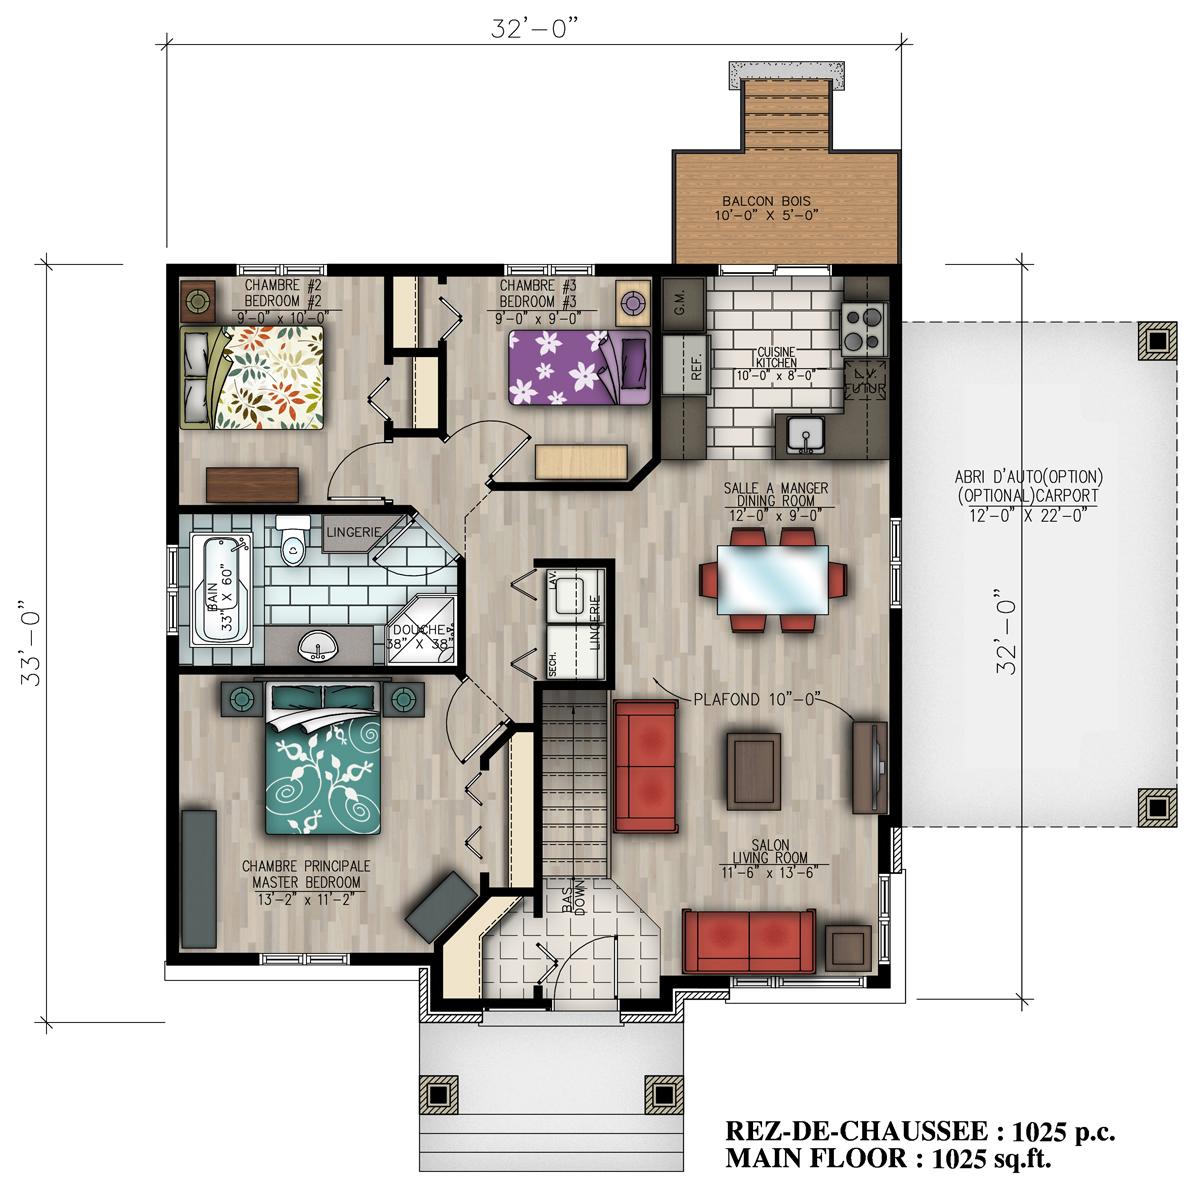 Plan maison neuve plan intrieur maison neuve myrtille for Acheter plan maison